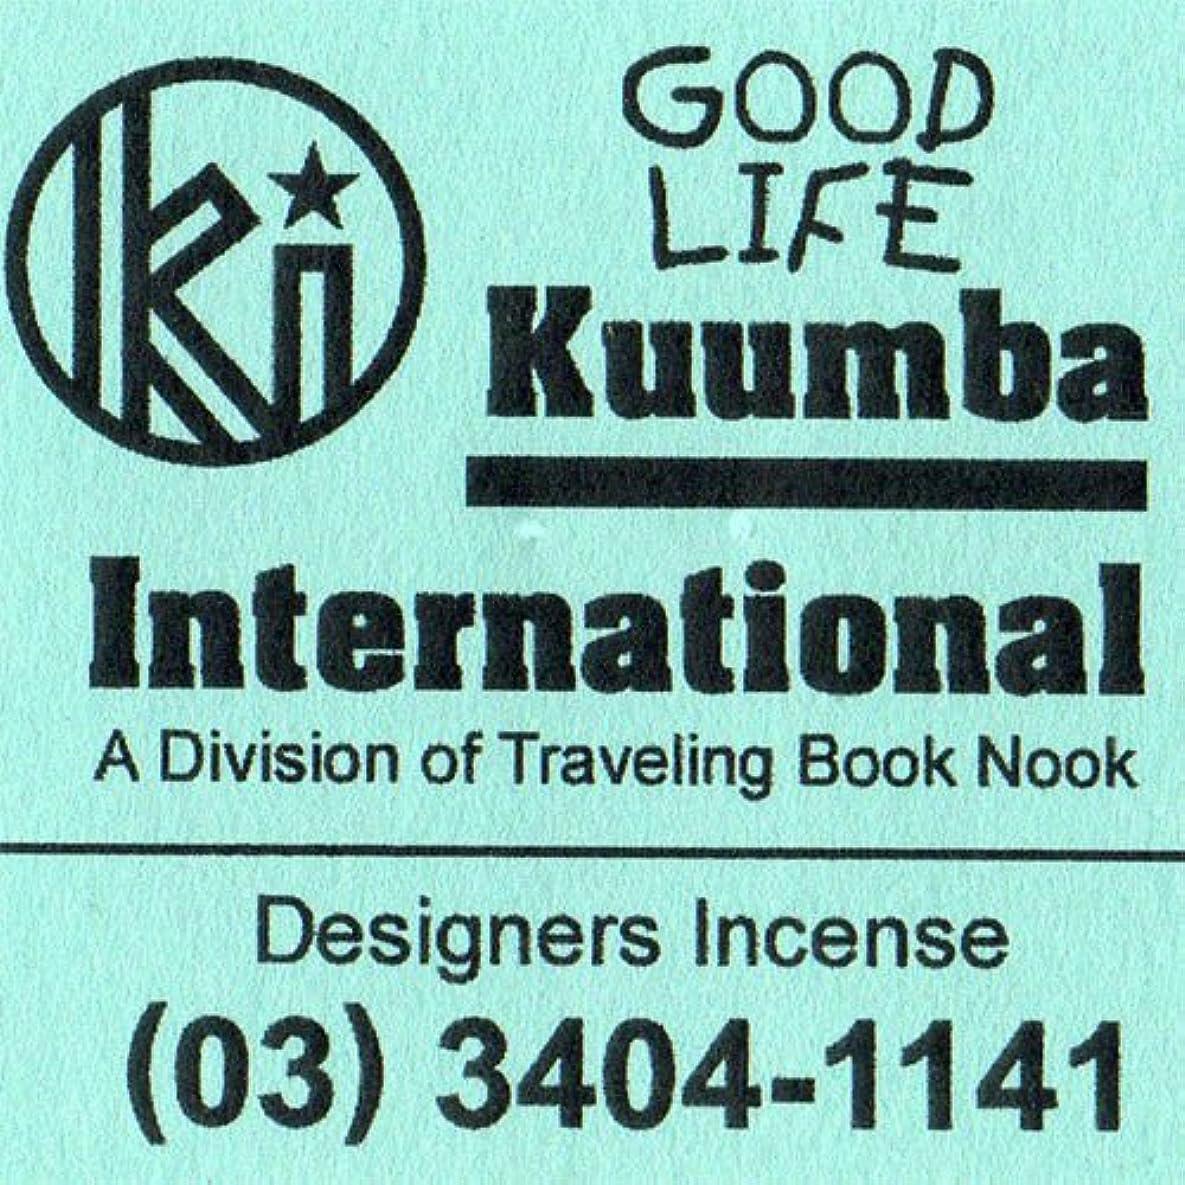 情報ポルノ過激派KUUMBA / クンバ『incense』(GOOD LIFE) (Regular size)